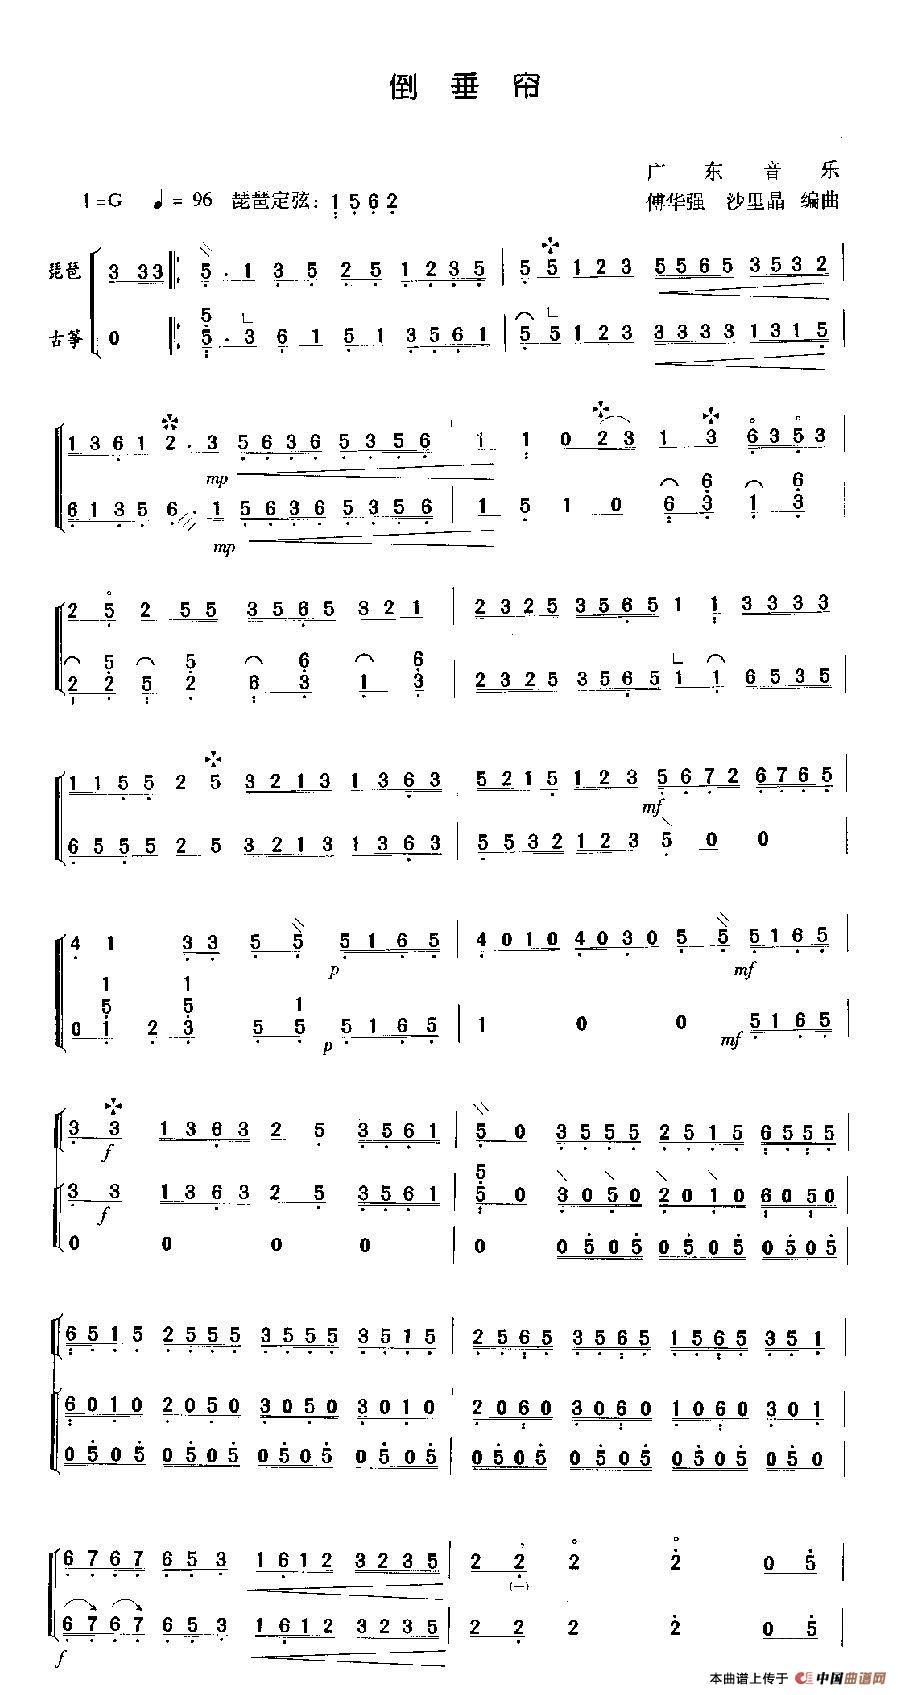 琵琶谱 琵琶 古筝 器乐乐谱 中国曲谱网